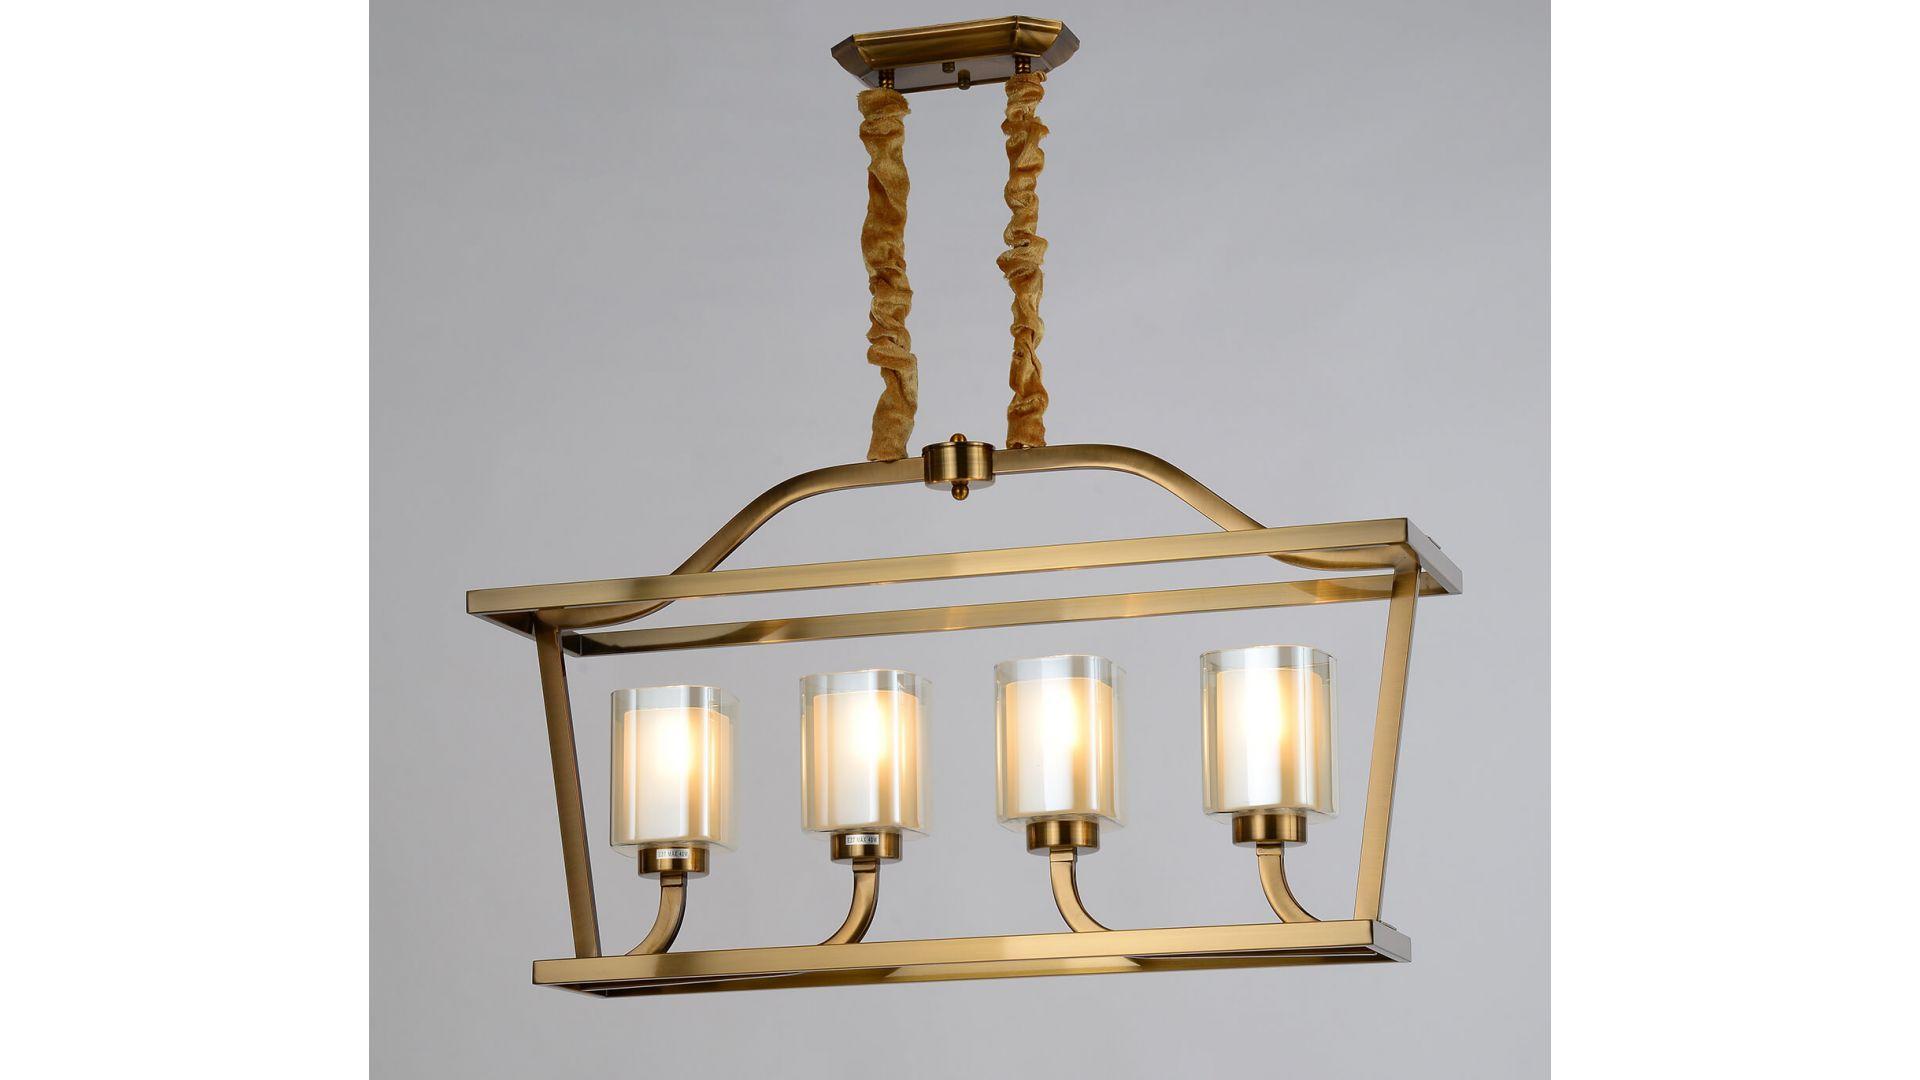 LAMPA WISZĄCA LOFT MOSIĘŻNA